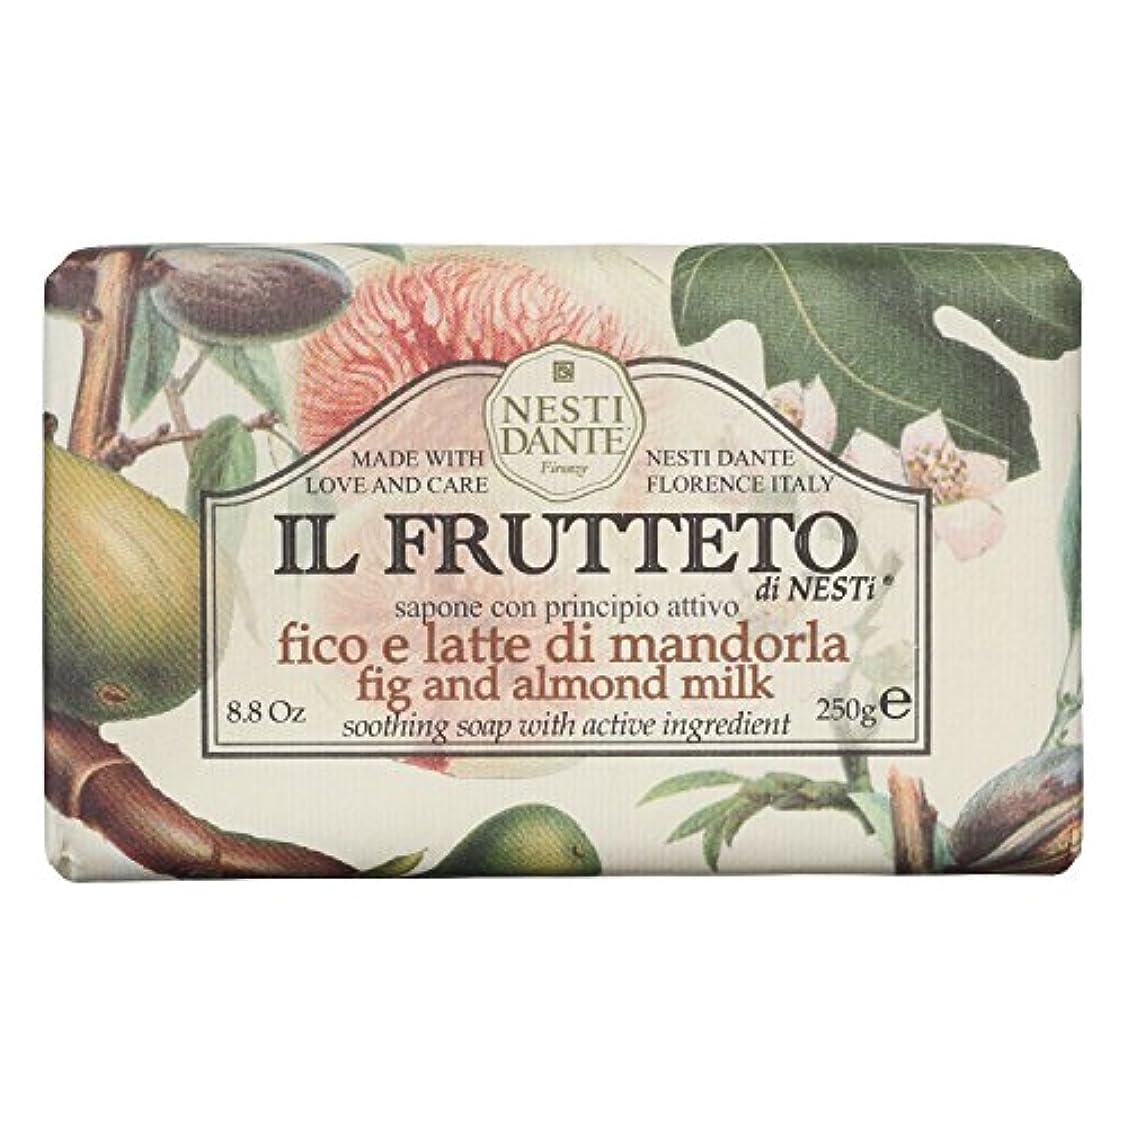 リーフレット文字洗うネスティダンテ (Nesti Dante) フルッテートソープ フィグ&アーモンドミルク 250g